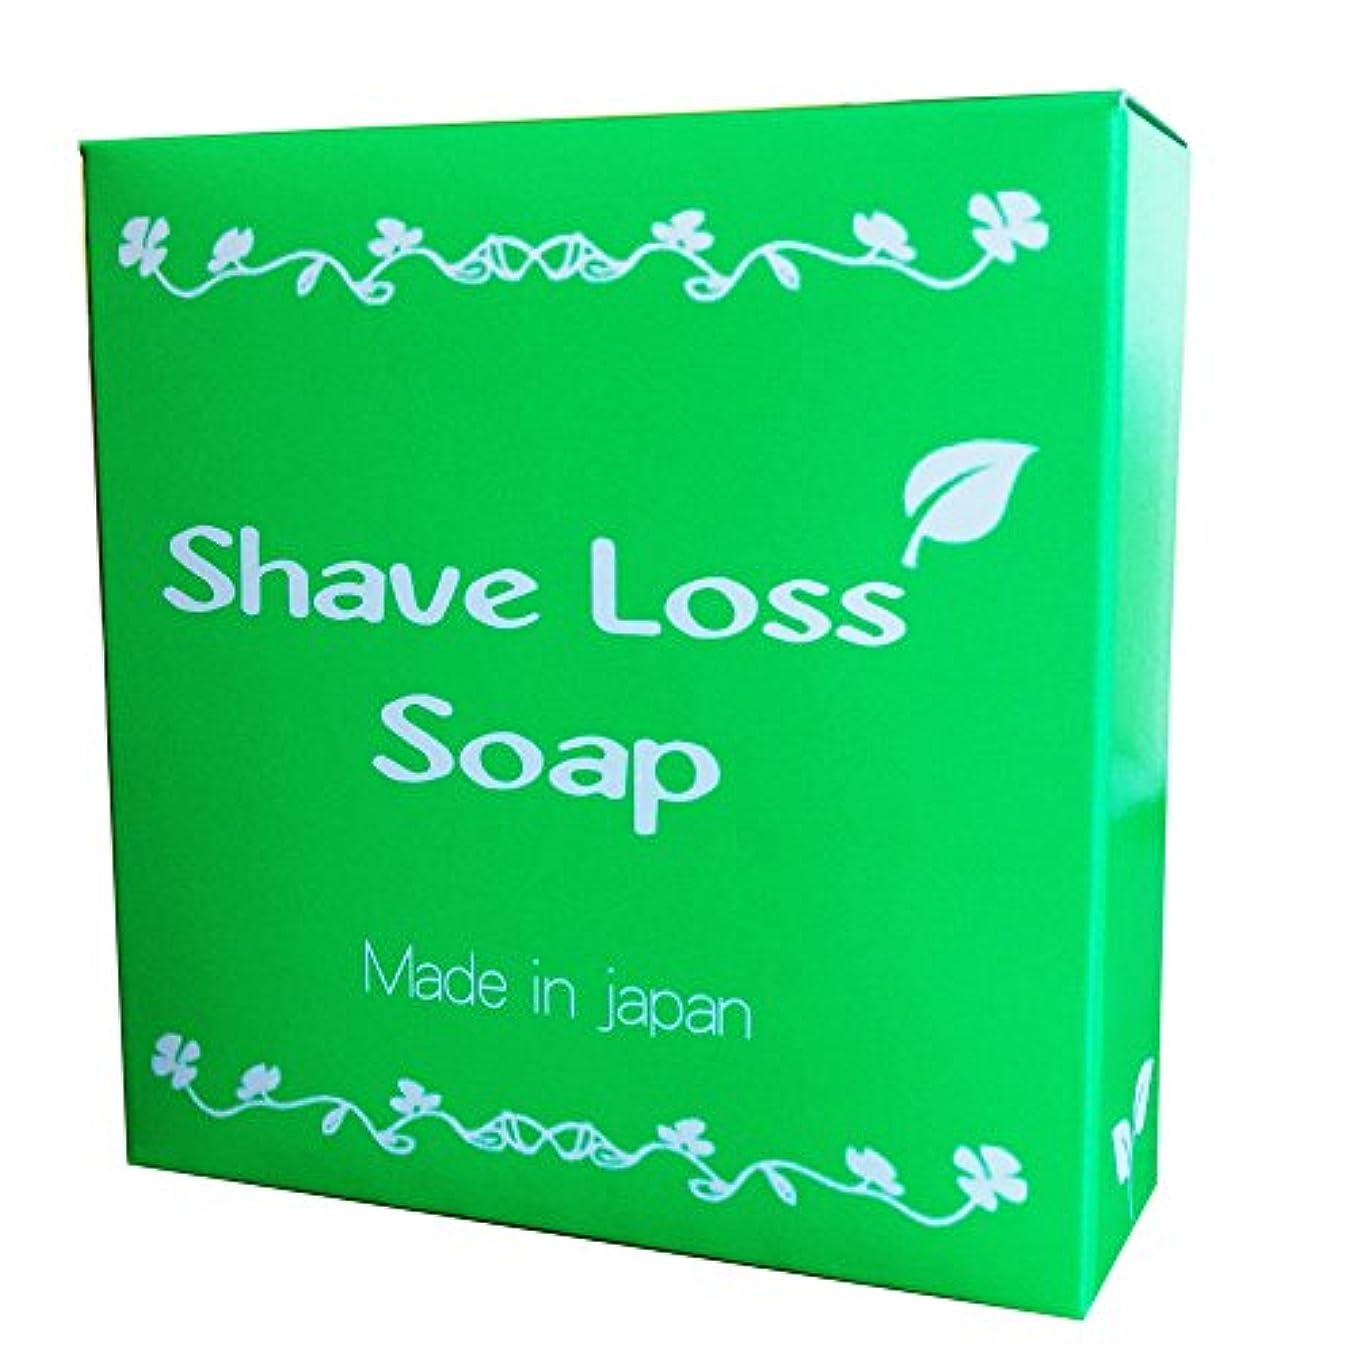 女王子豚滑り台Shave Loss Soap 女性のツルツルを叶える 奇跡の石鹸 80g (1個)